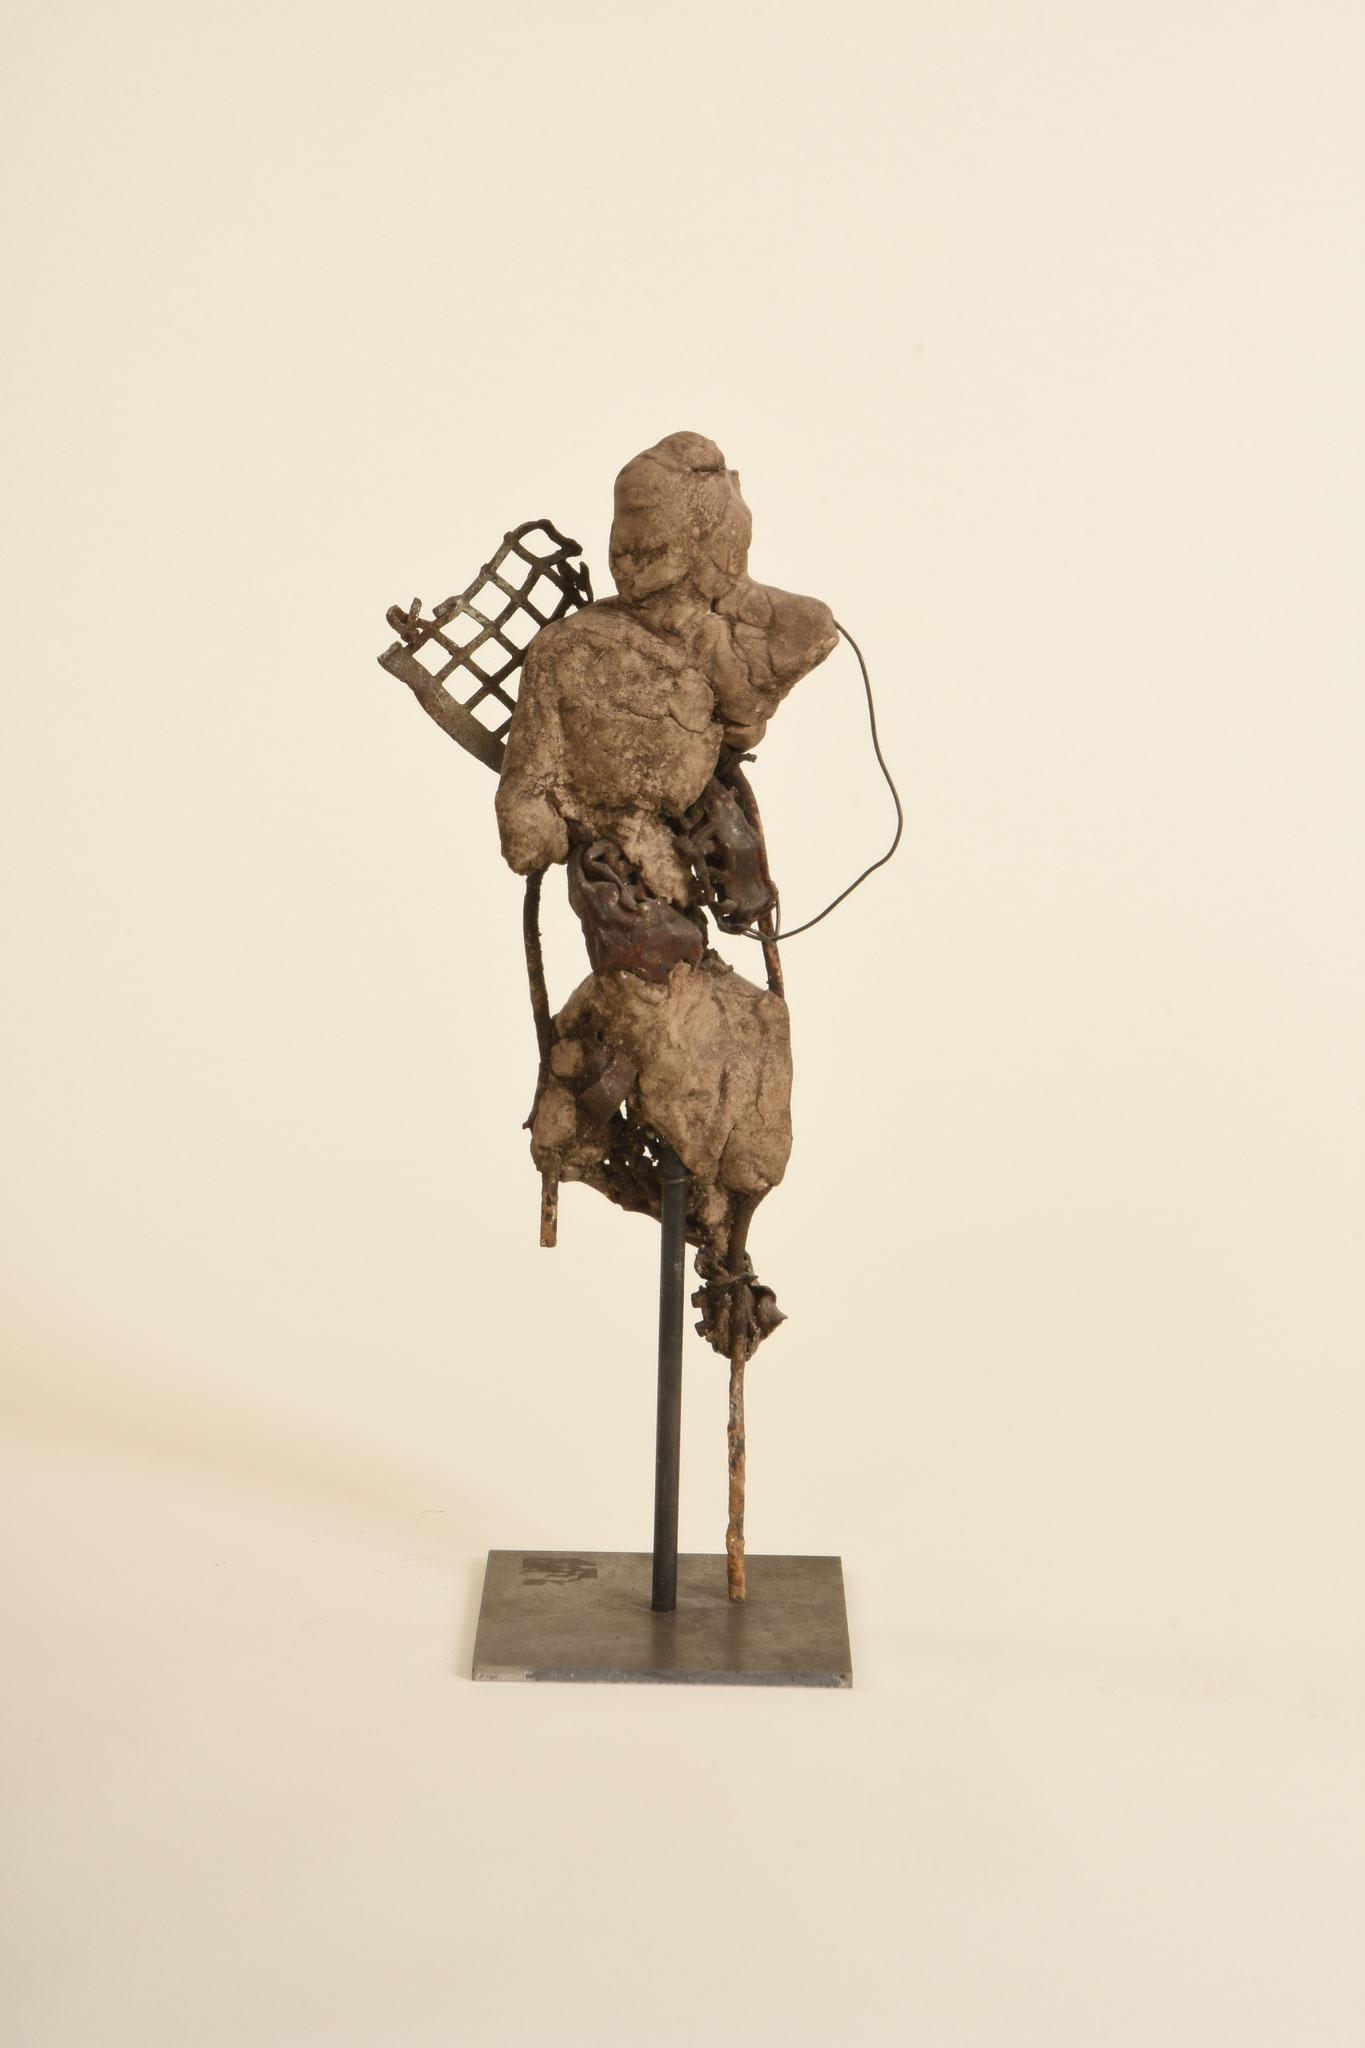 Ohne Titel  2009  Metall, Modelliermasse  40cm